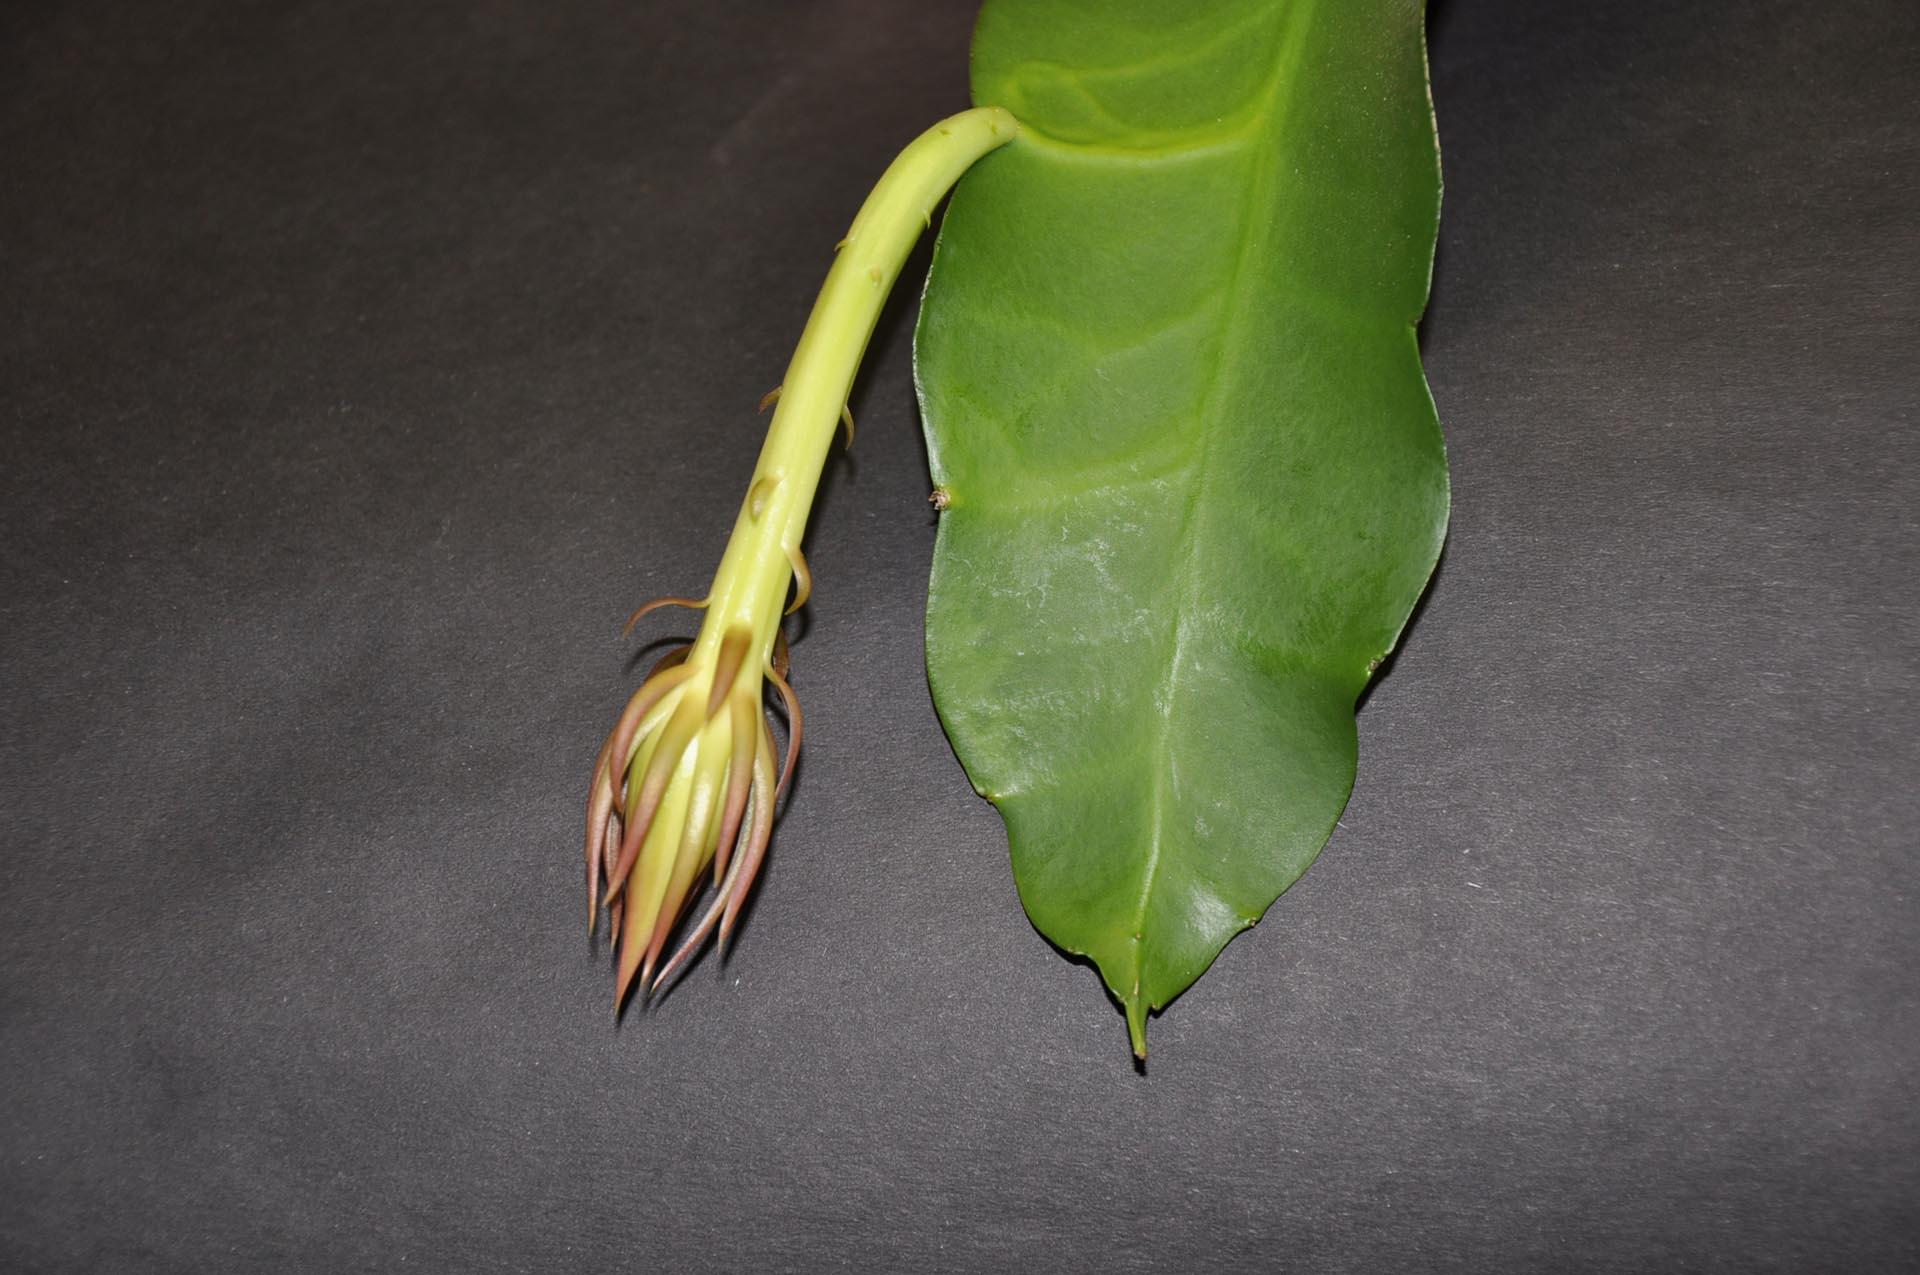 Délka pupene = 11cm